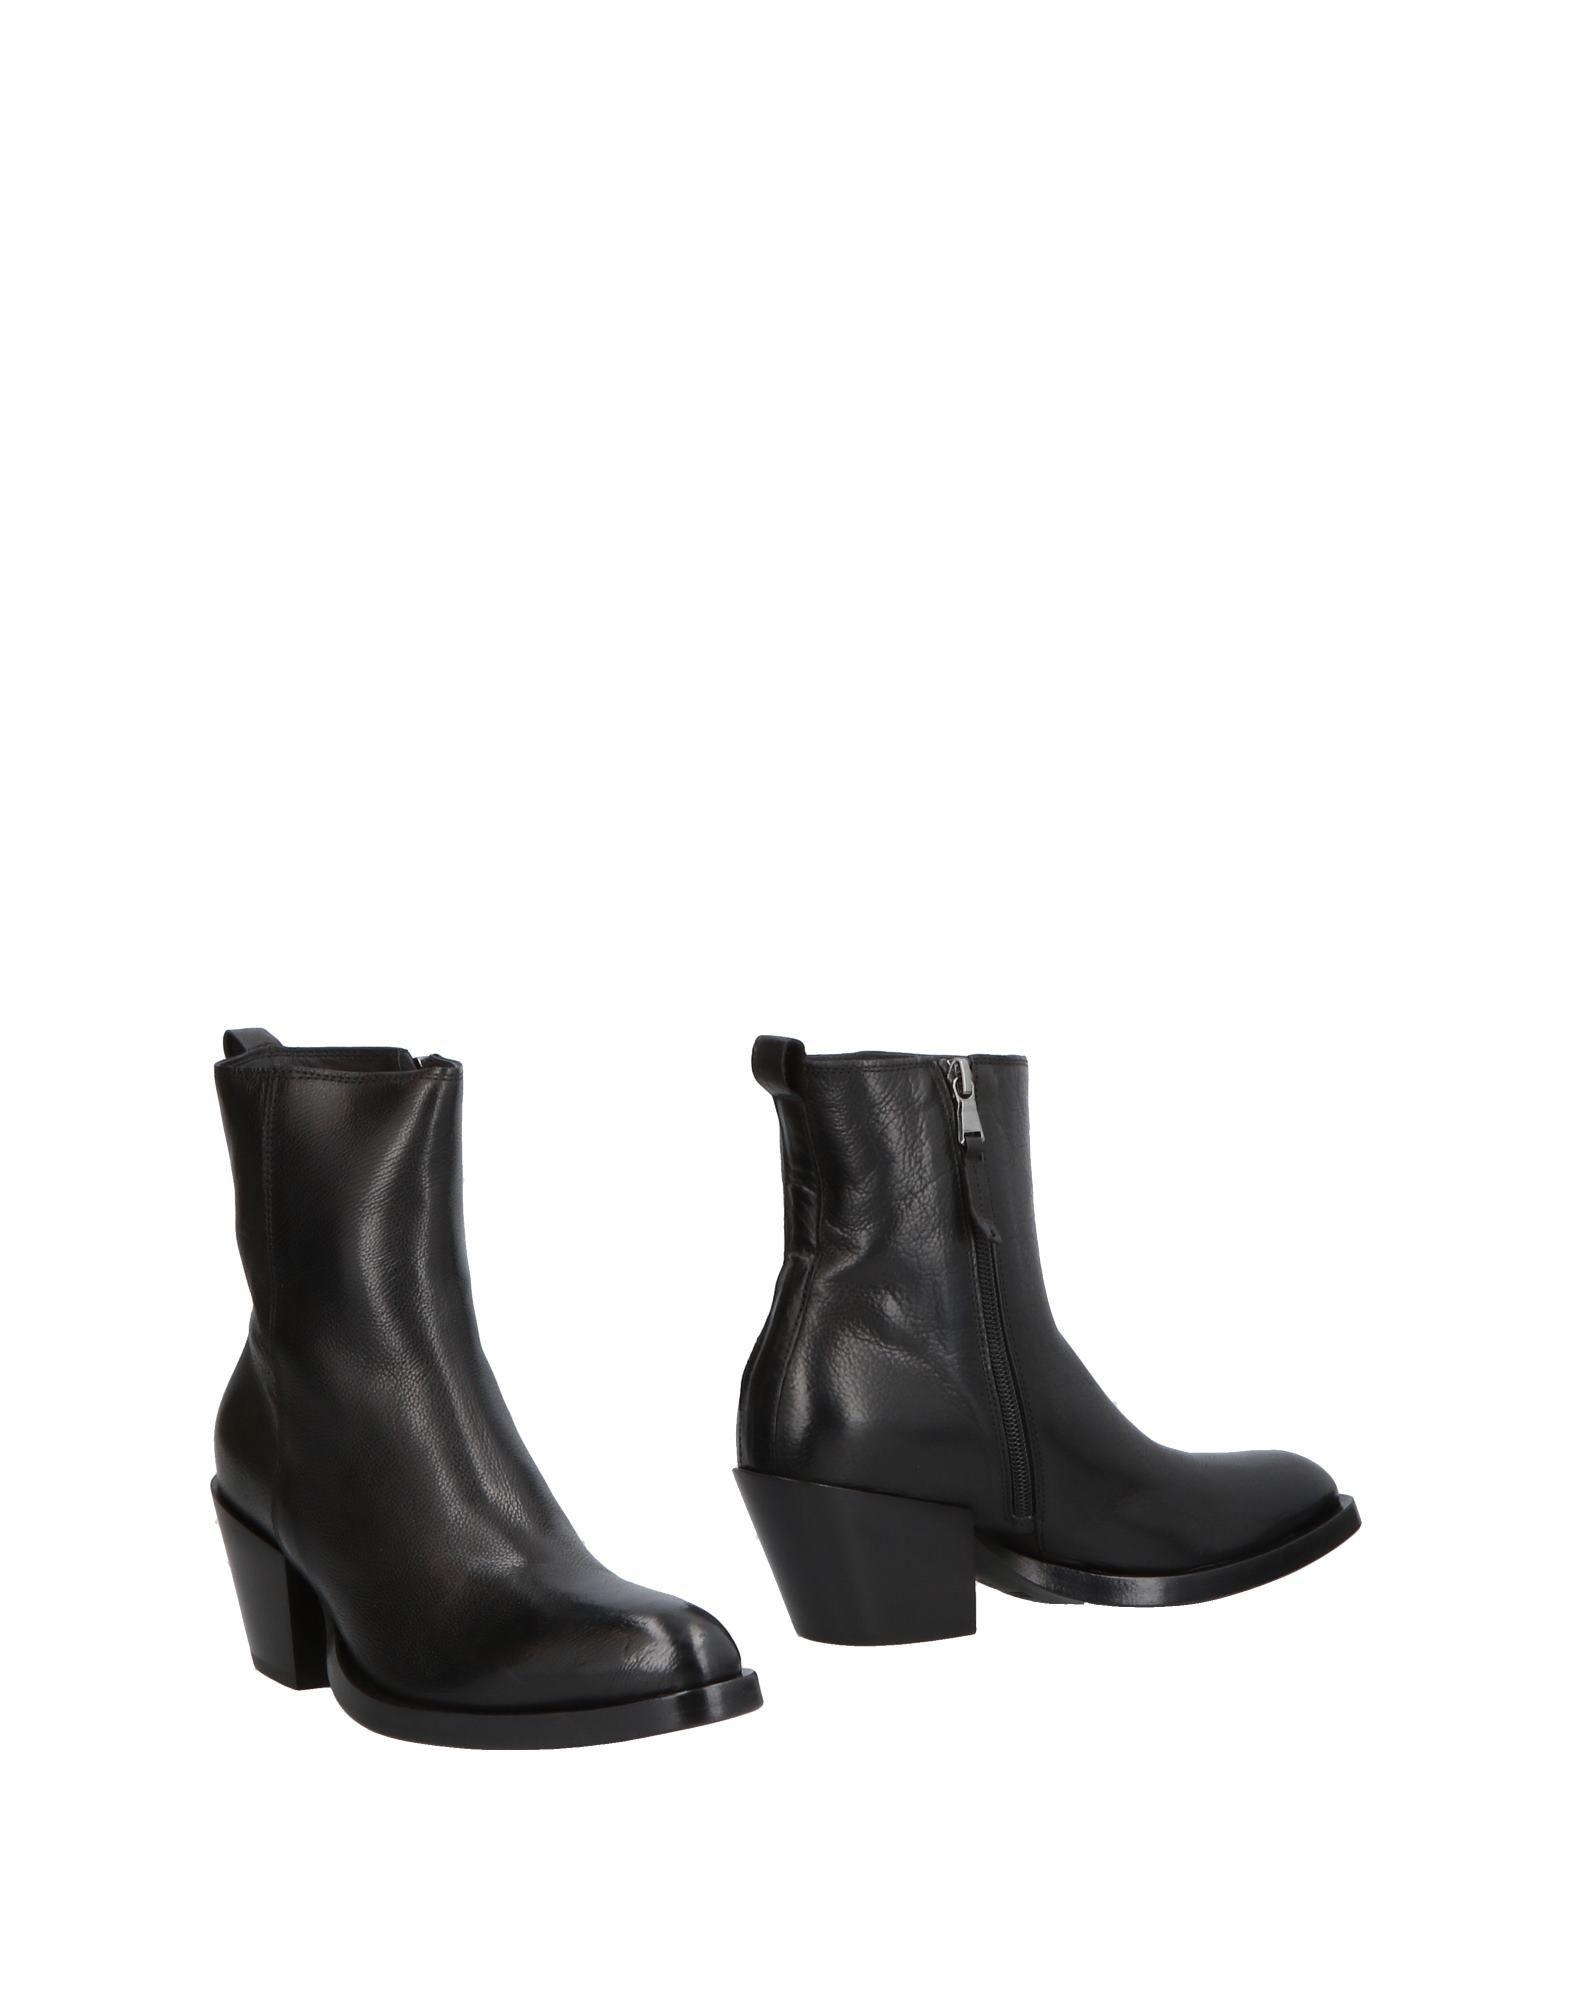 Rabatt Schuhe  Elena Iachi Stiefelette Damen  Schuhe 11502542UC 93c4fc